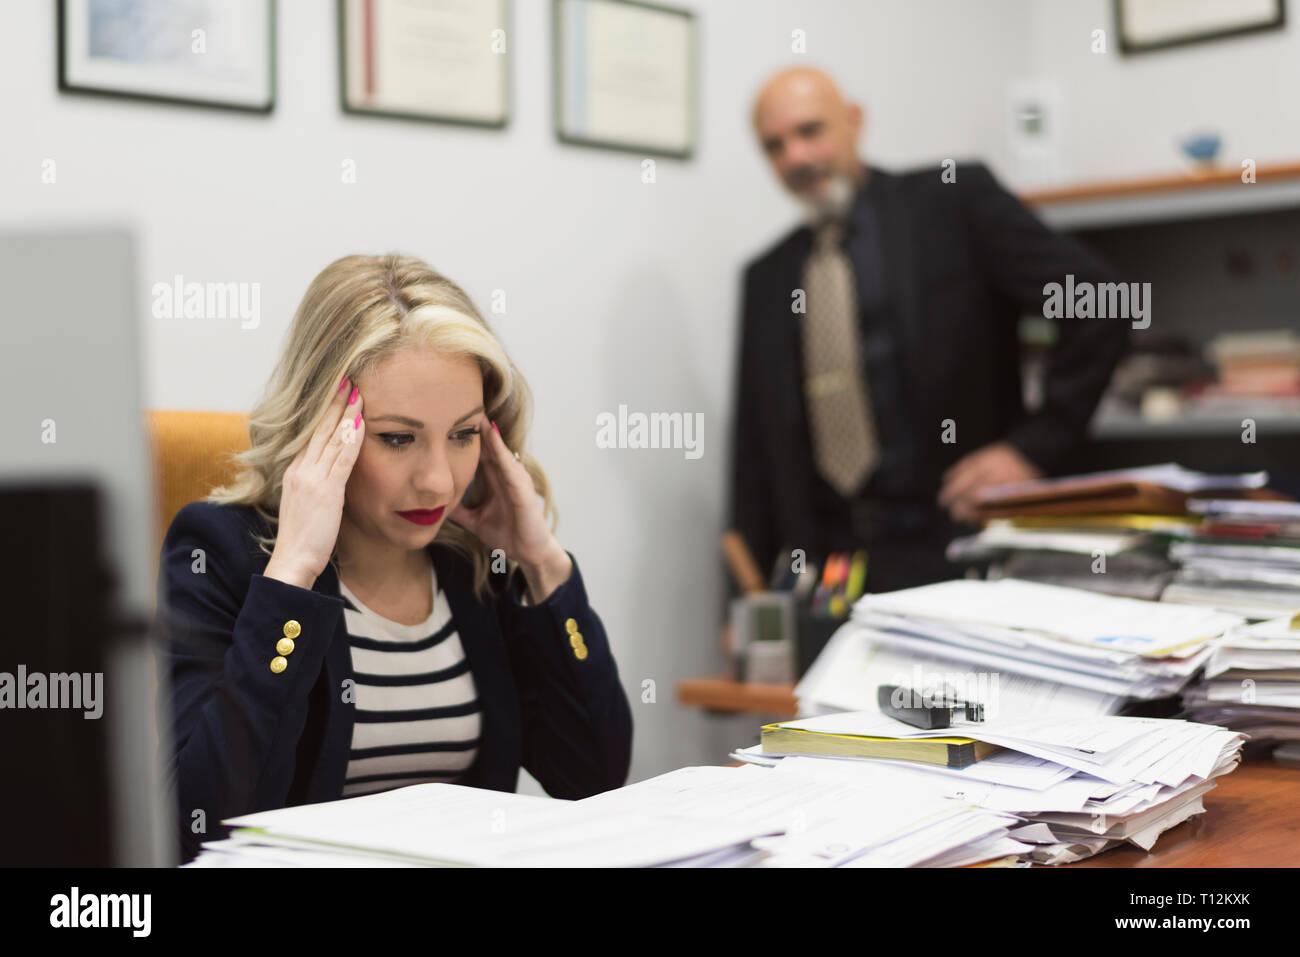 Trabajador de oficina femenina insistió ante una gran carga de documentos y trabajo de oficina. Foto de stock